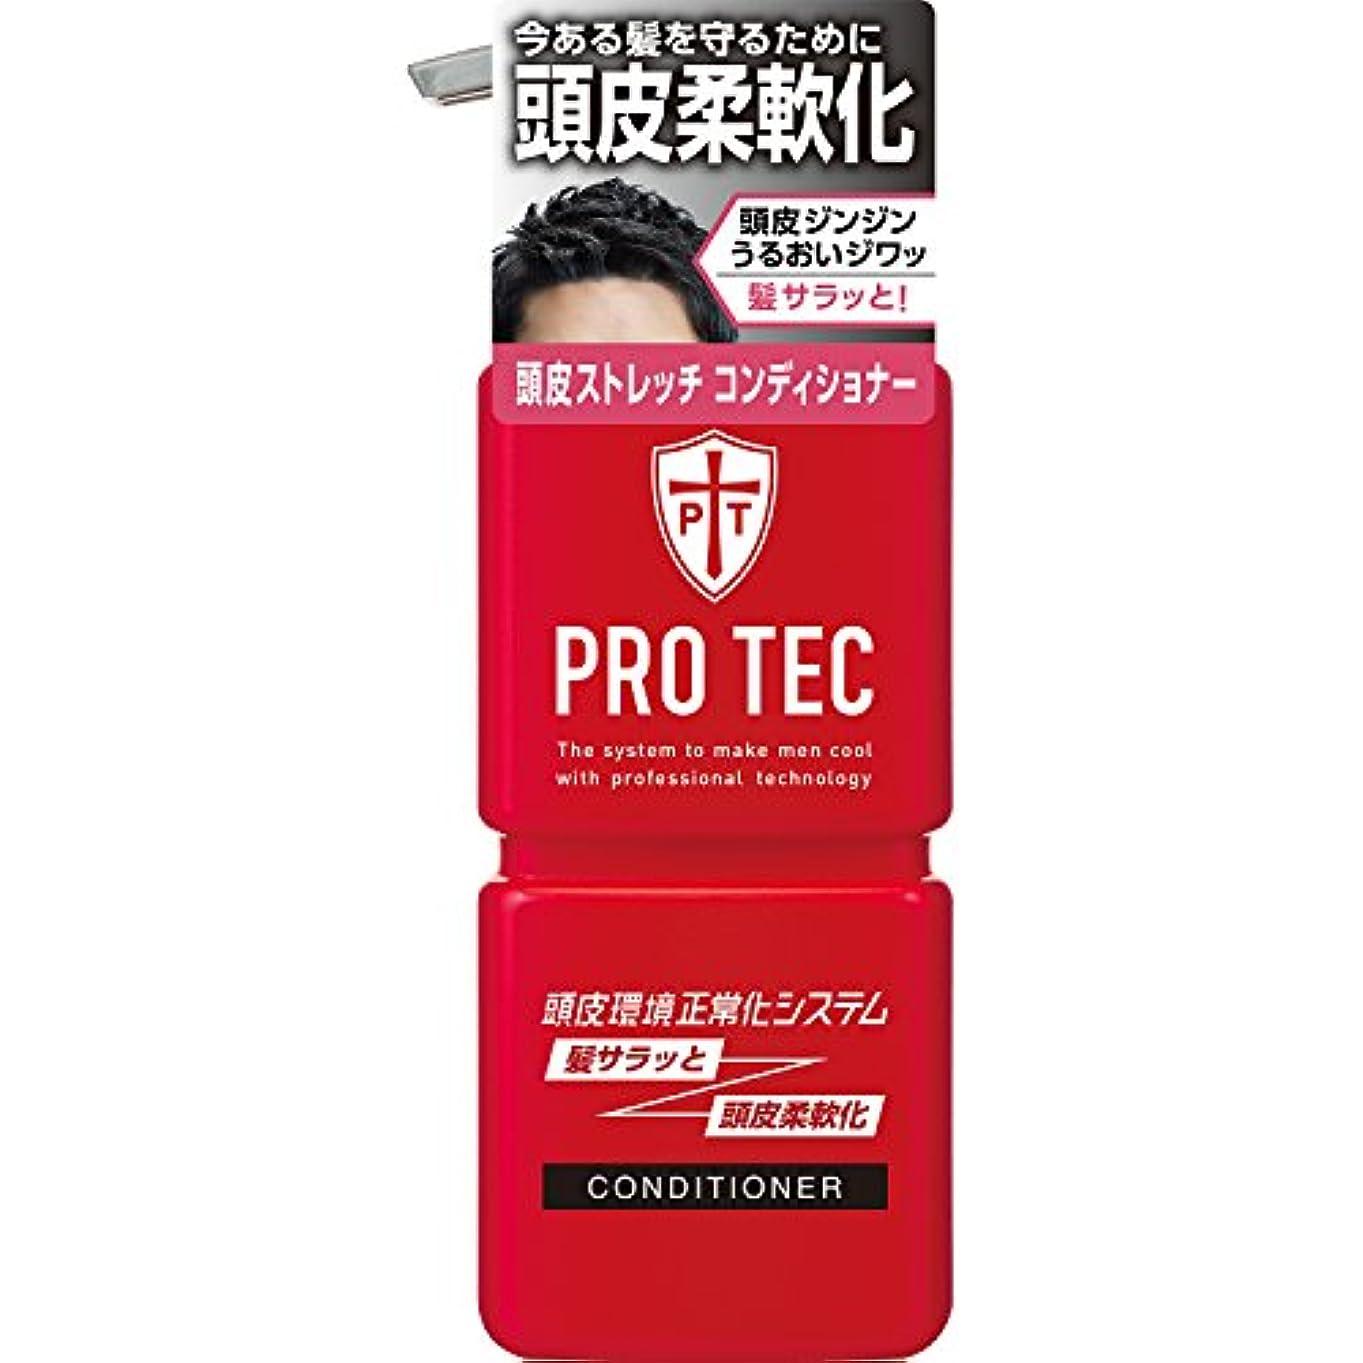 弾丸コンベンション慈善PRO TEC(プロテク) 頭皮ストレッチ コンディショナー 本体ポンプ 300g